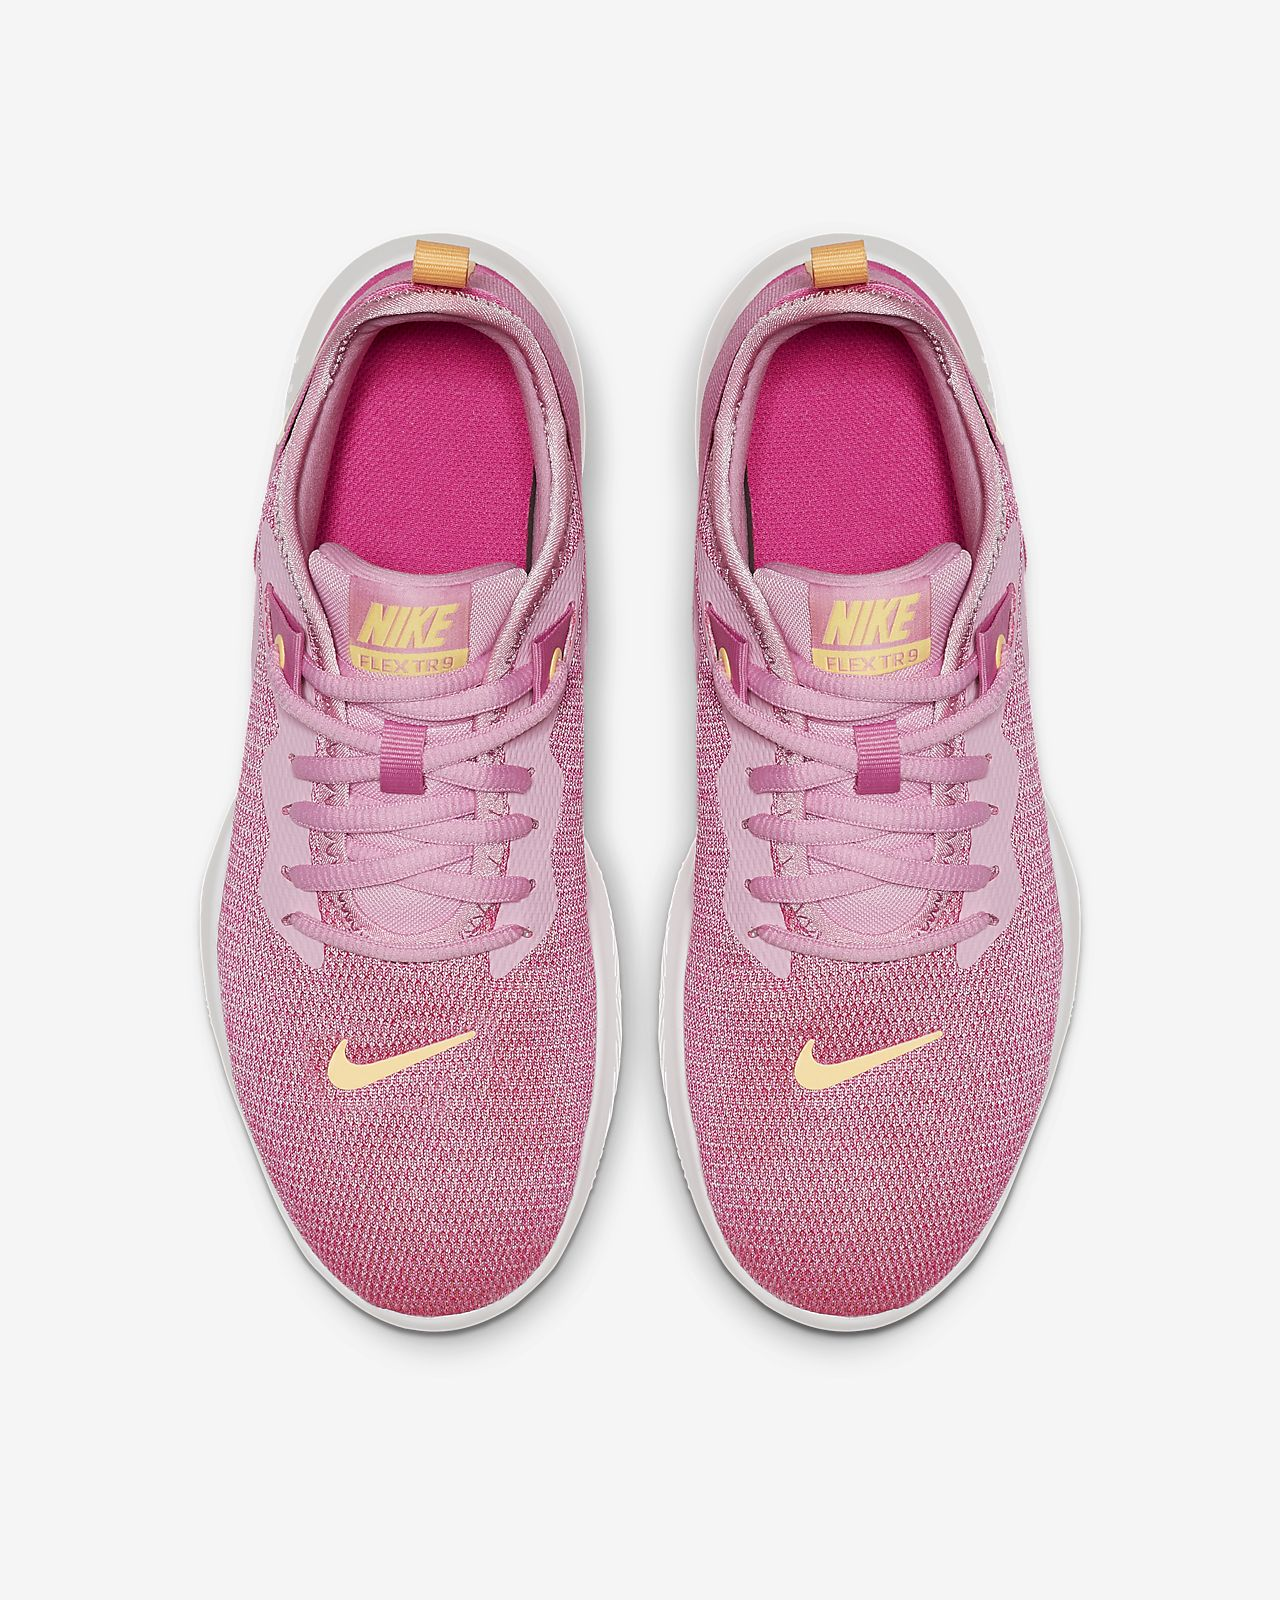 e5630deea168 Nike Flex TR 9 Women s Training Shoe. Nike.com